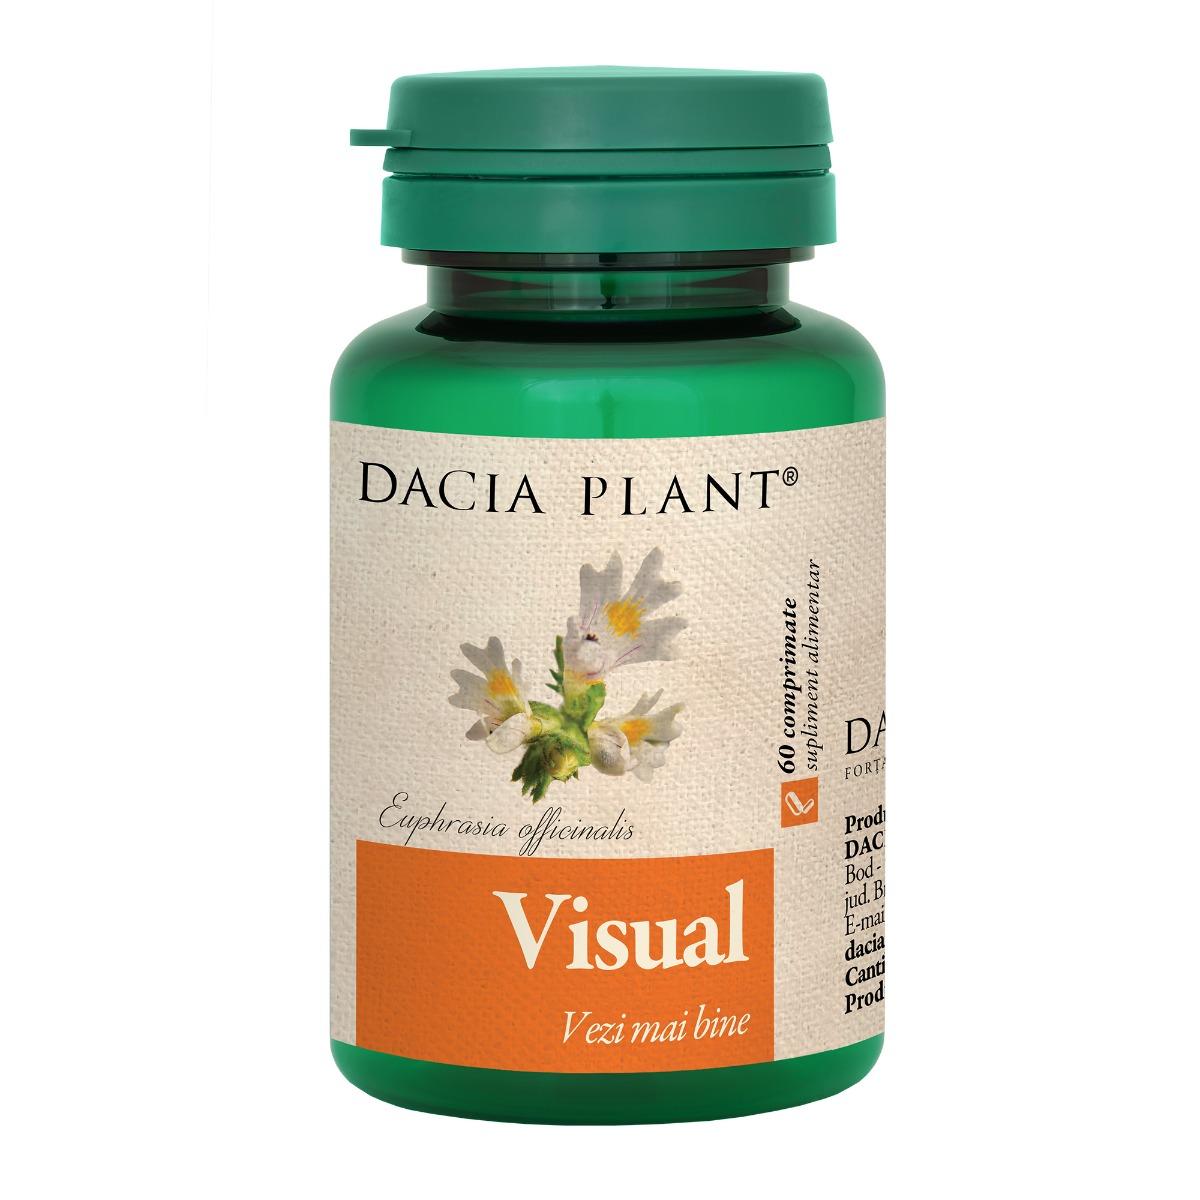 Visual, 60 comprimate, Dacia Plant drmax.ro